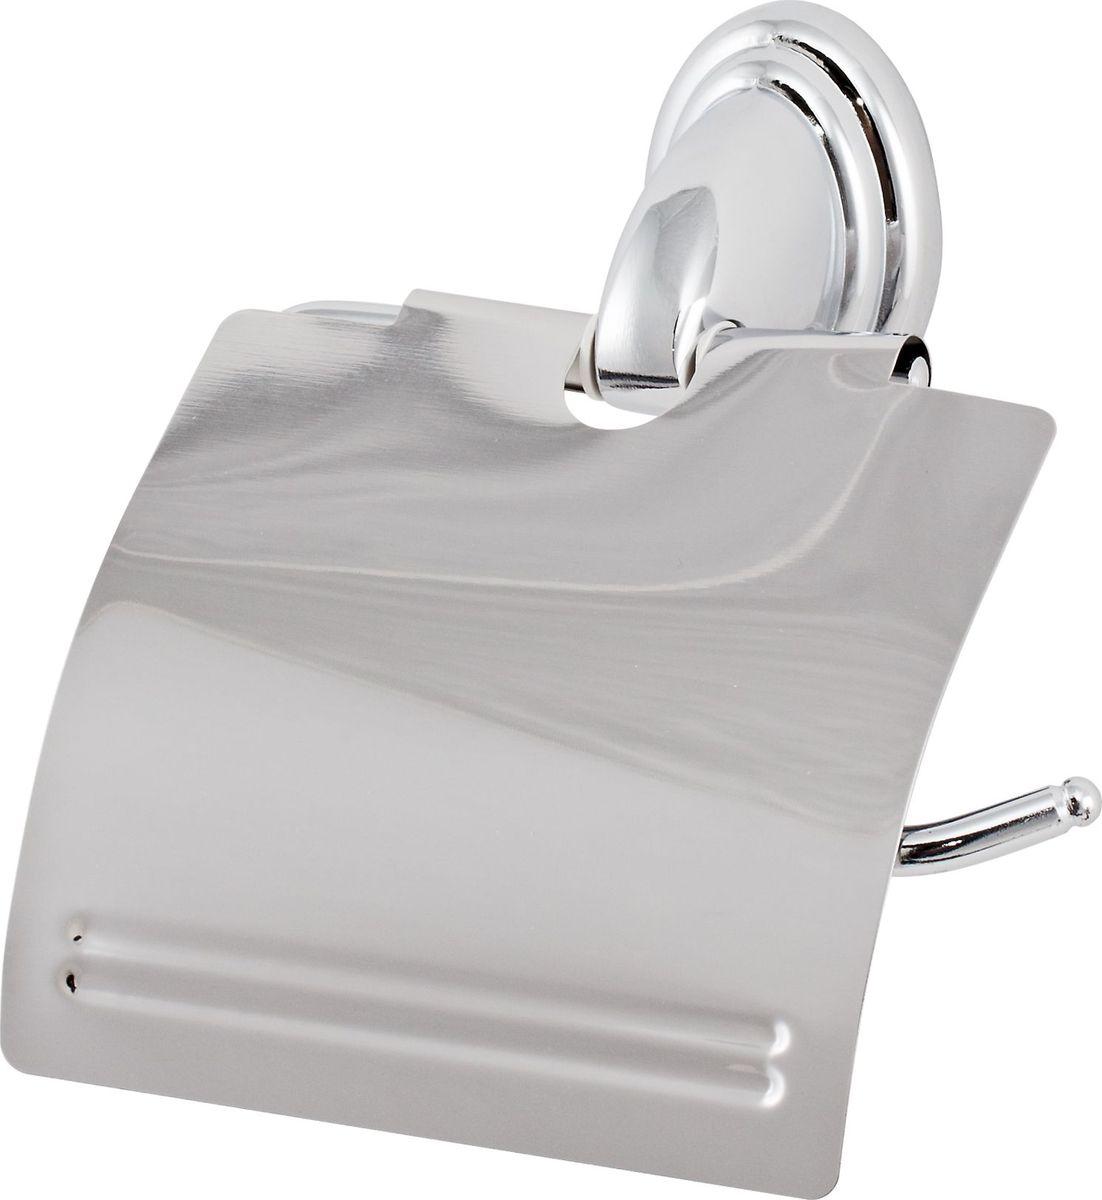 Держатель туалетной бумаги Del Mare 3100, цвет: хром3104Держатель туалетной бумаги — практичный аксессуар для санузла, выполненного в современном стиле. Этот небольшой, но важный предмет интерьера поможет создать эргономичное пространство даже в компактном помещении. Держатель прекрасно гармонирует с любой расцветкой ванной комнаты. Хромированная поверхность изделия создает зеркальный эффект, подчеркивая оформление ванной комнаты.